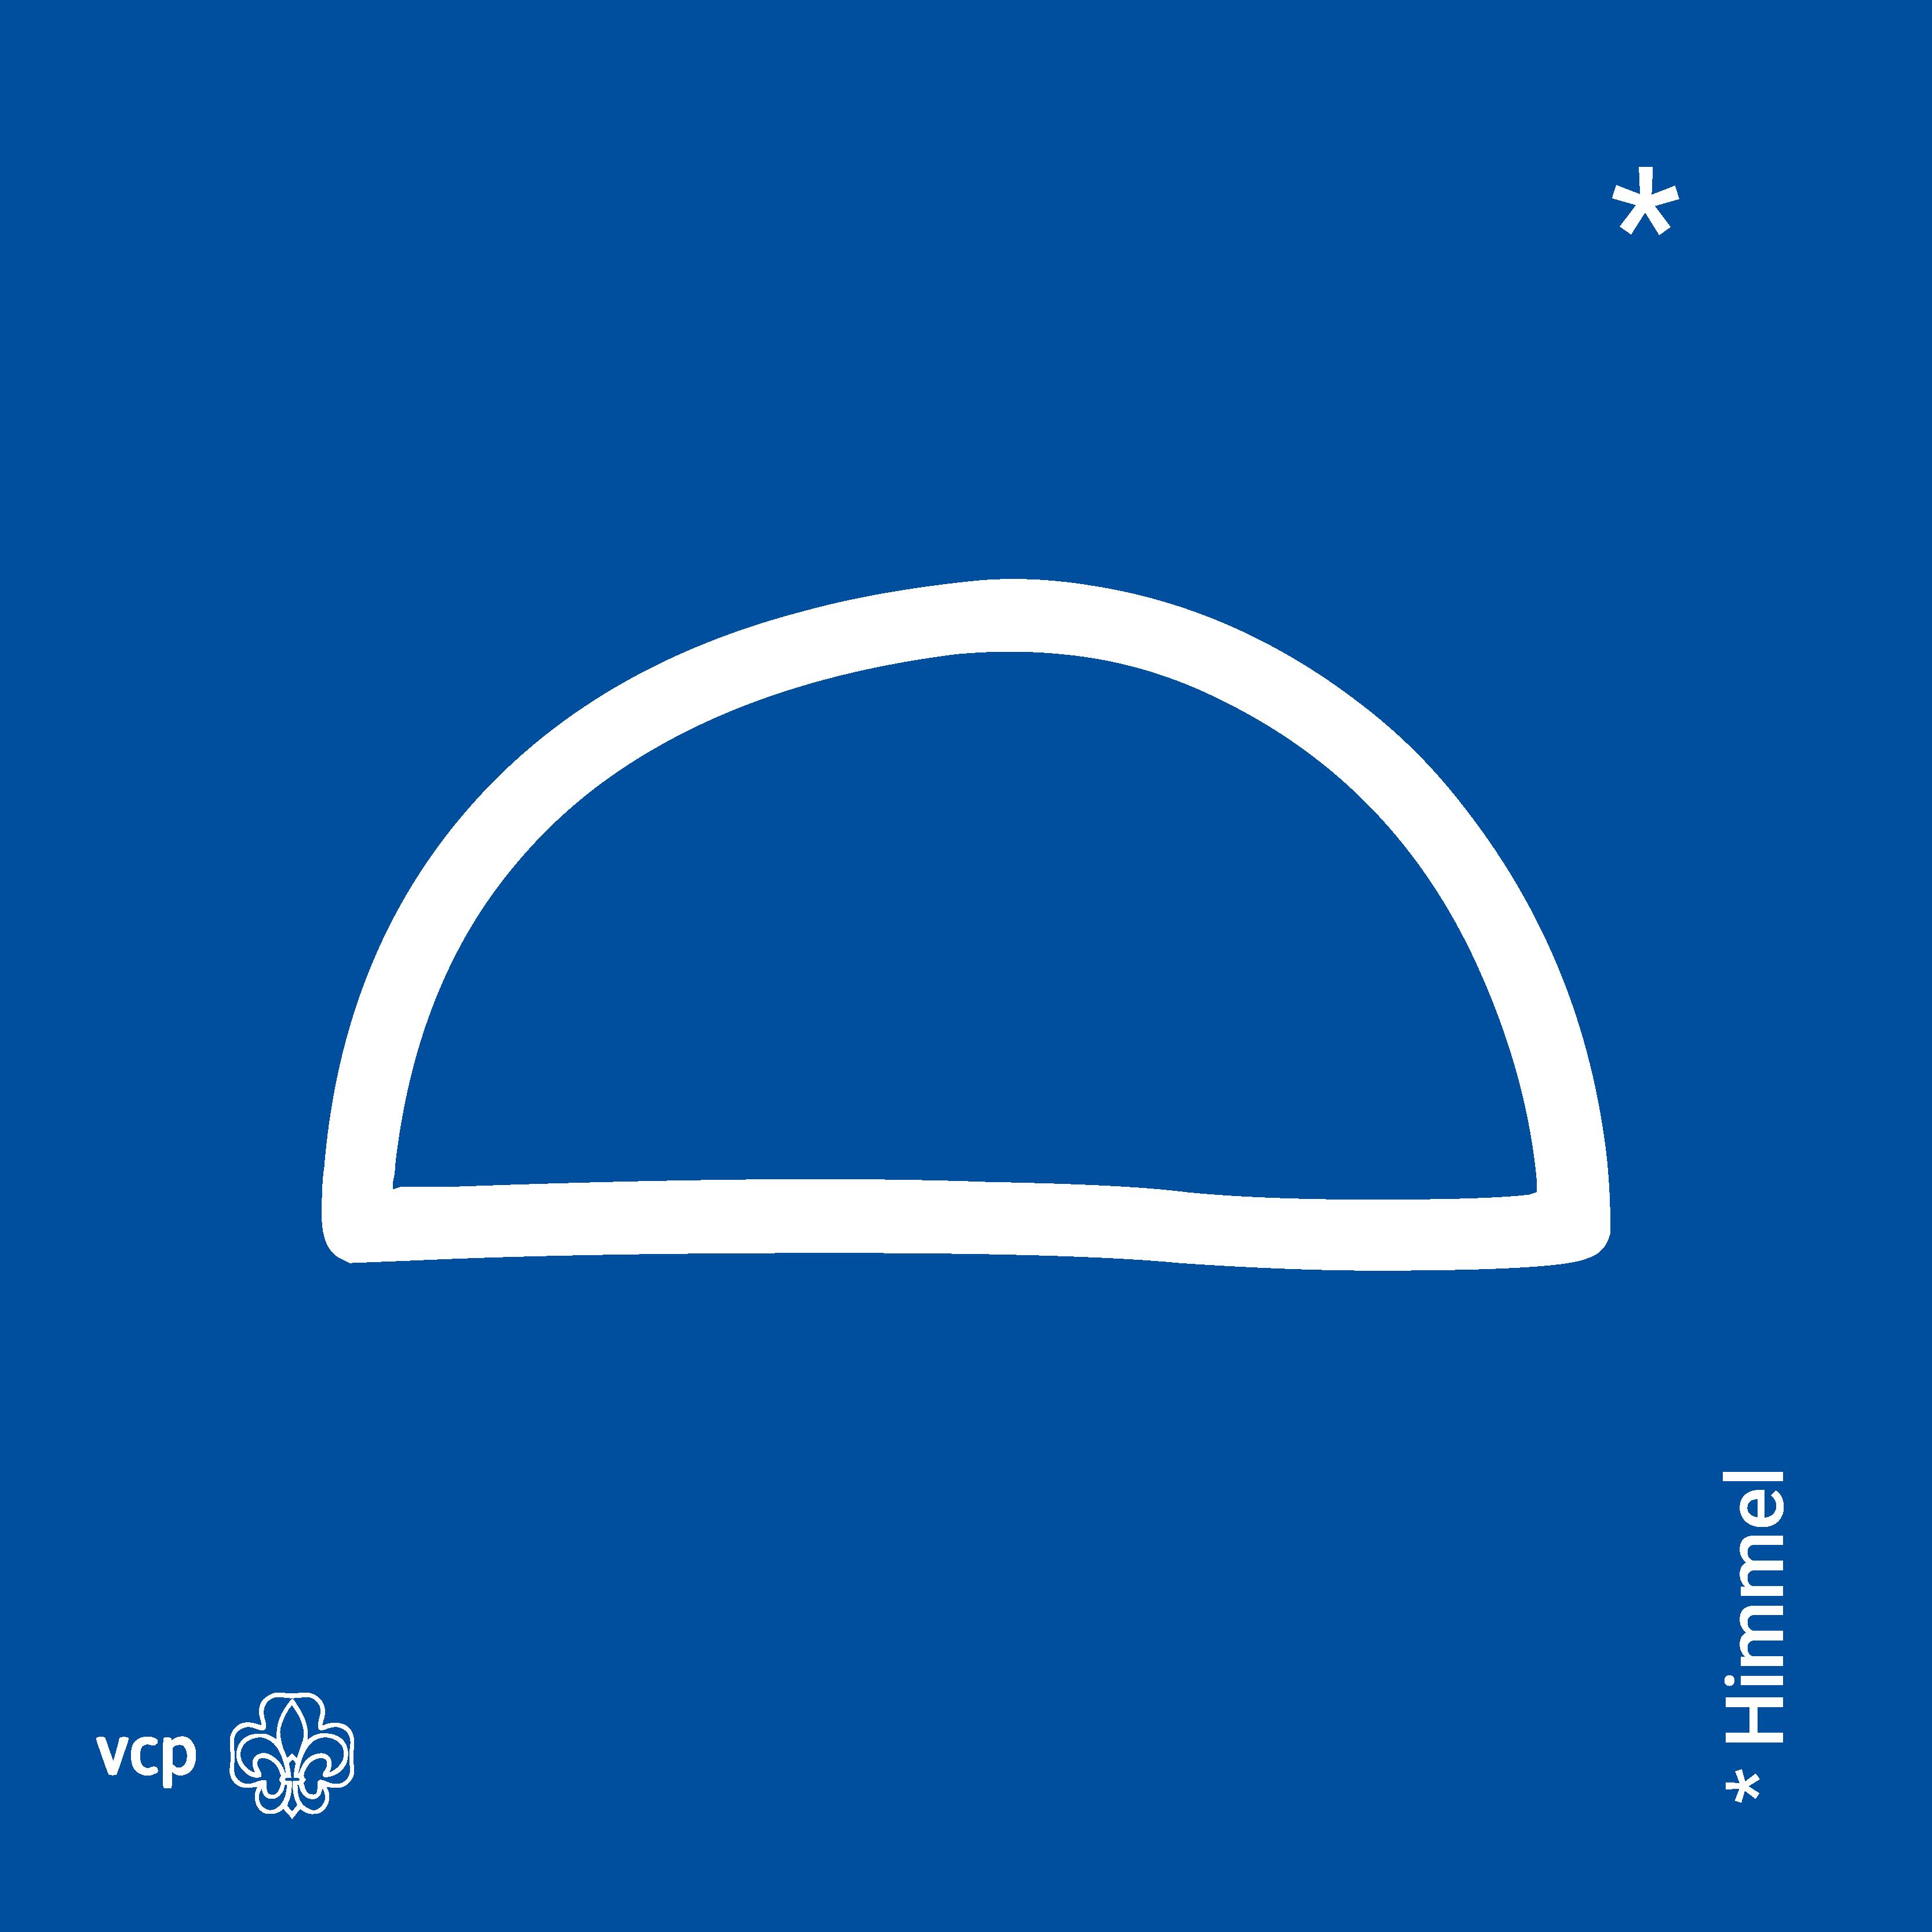 Himmel - VCP-Waldläuferzeichen